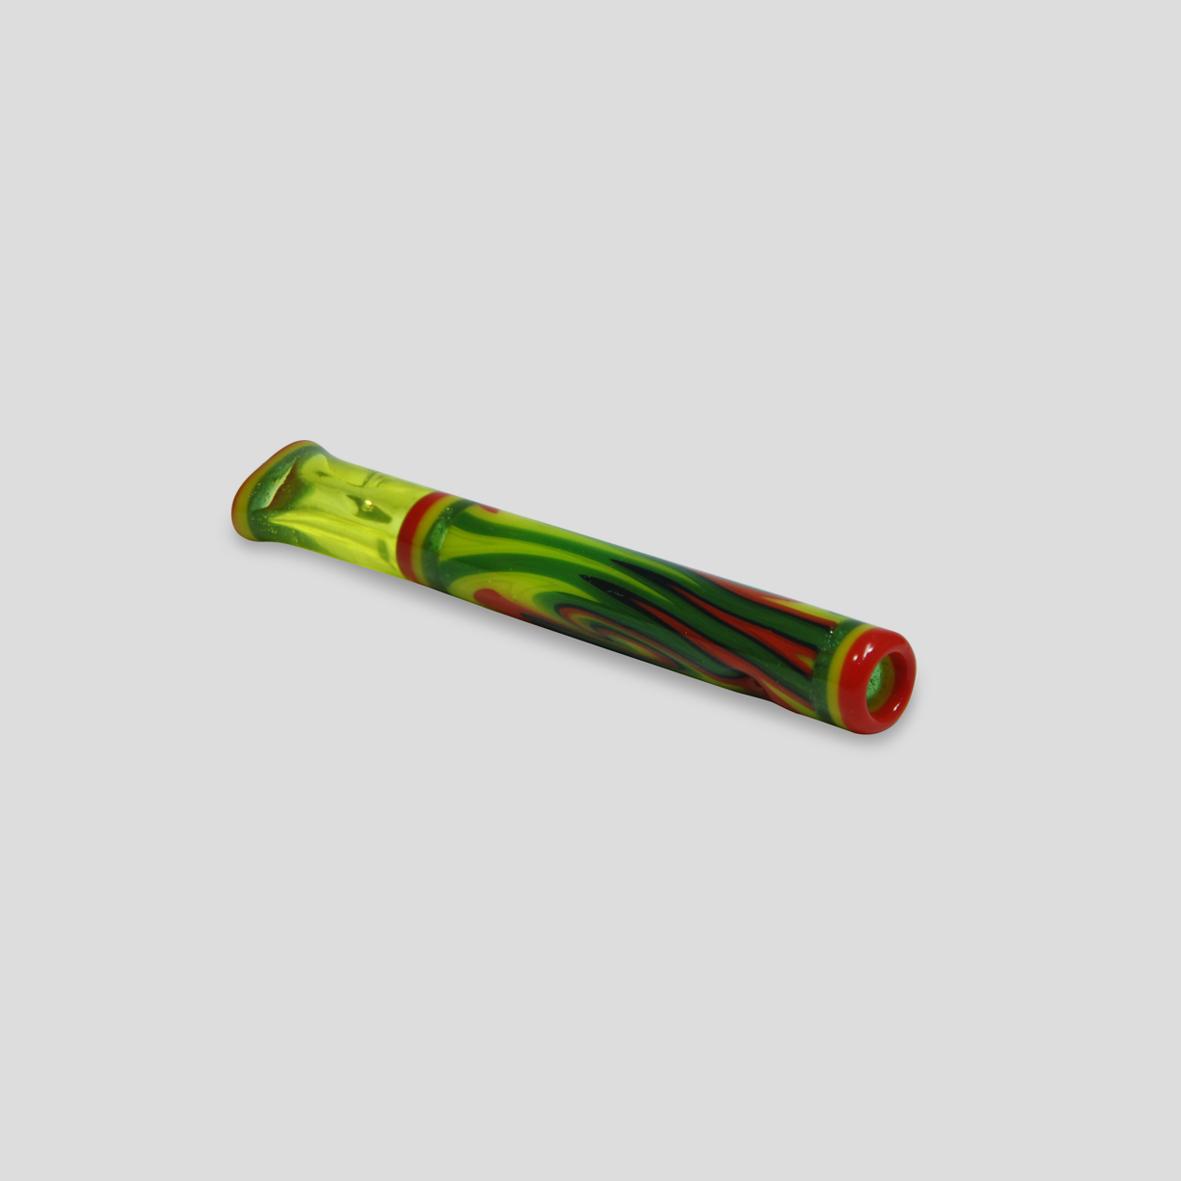 Piteira de Vidro Wig-reggae Incalmo